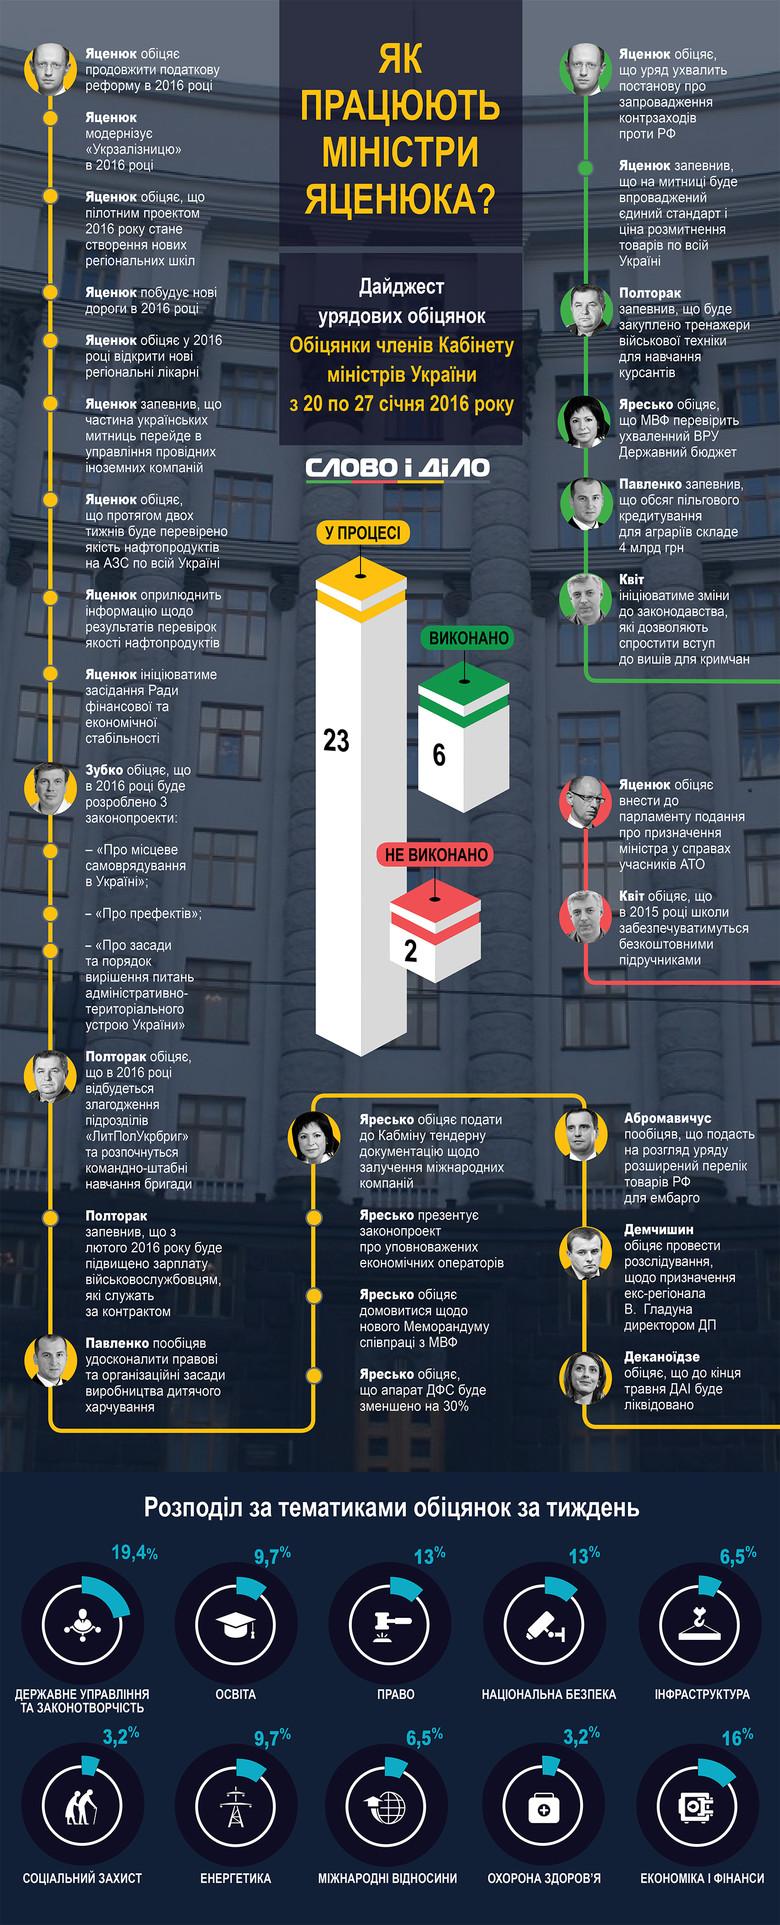 За останній тиждень українські міністри дали 31 обіцянку, з яких 6 не змогли виконати, 2 – виконали, а 23 – перебувають у процесі виконання.